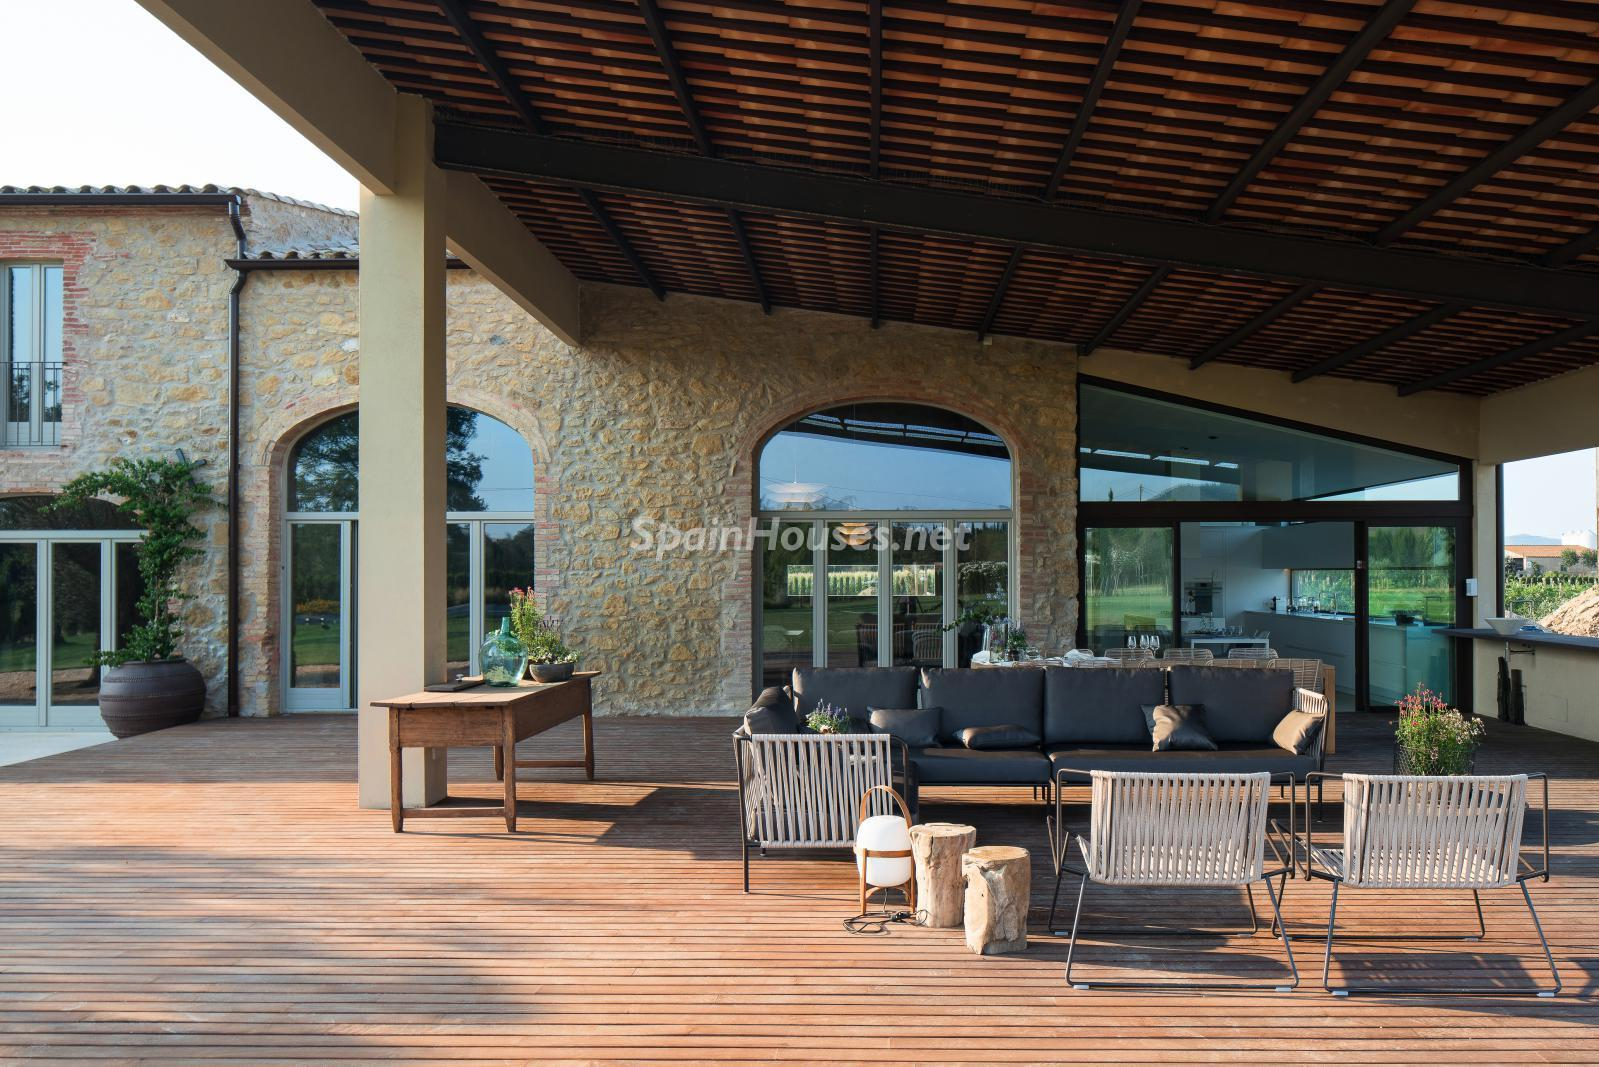 65057482 2051270 foto 436165 - Villas perfectas para disfrutar de todas las ventajas que ofrece un porche